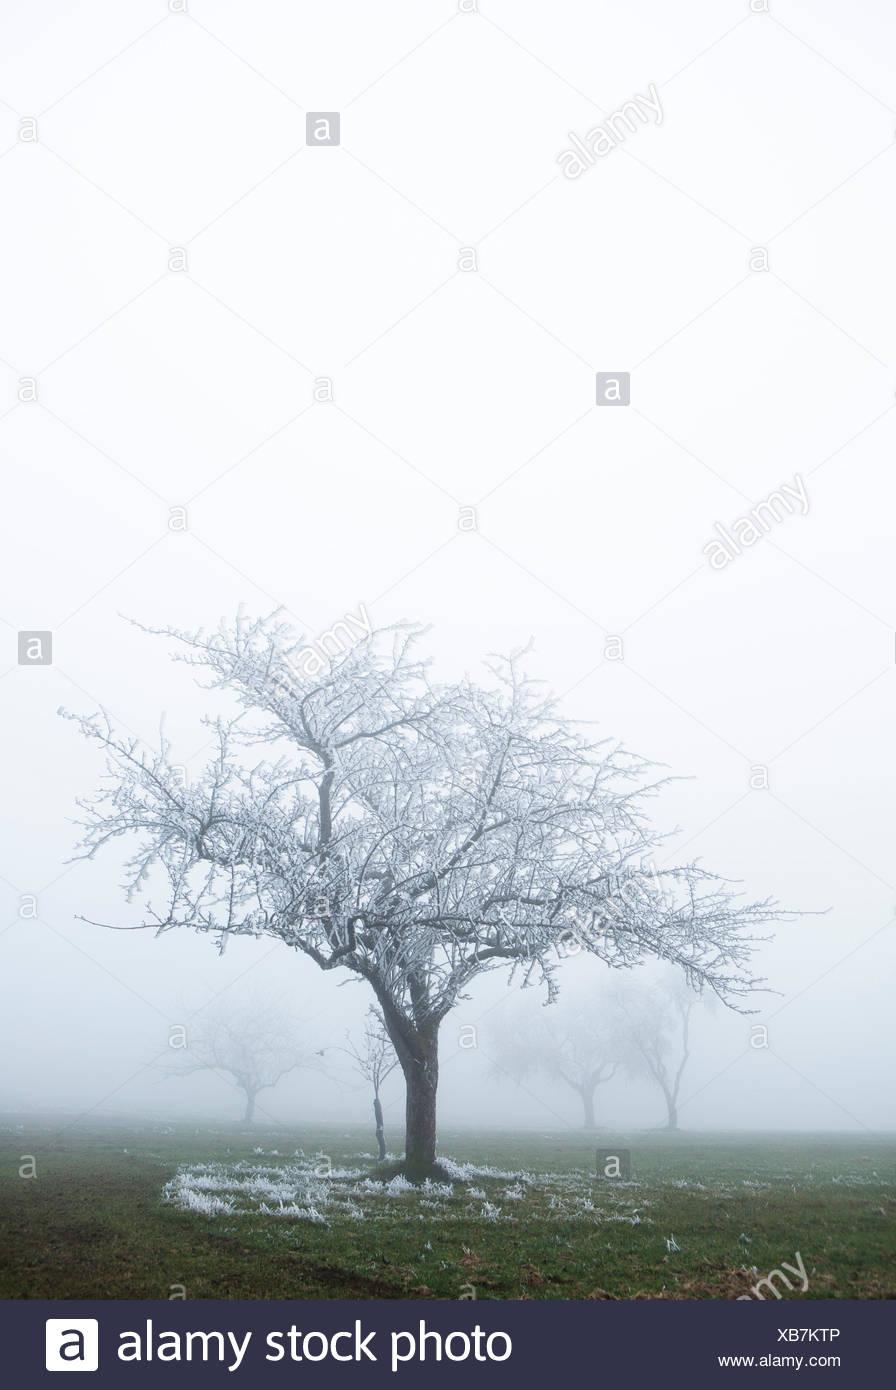 Wetter Herbstein morgen - wettercom